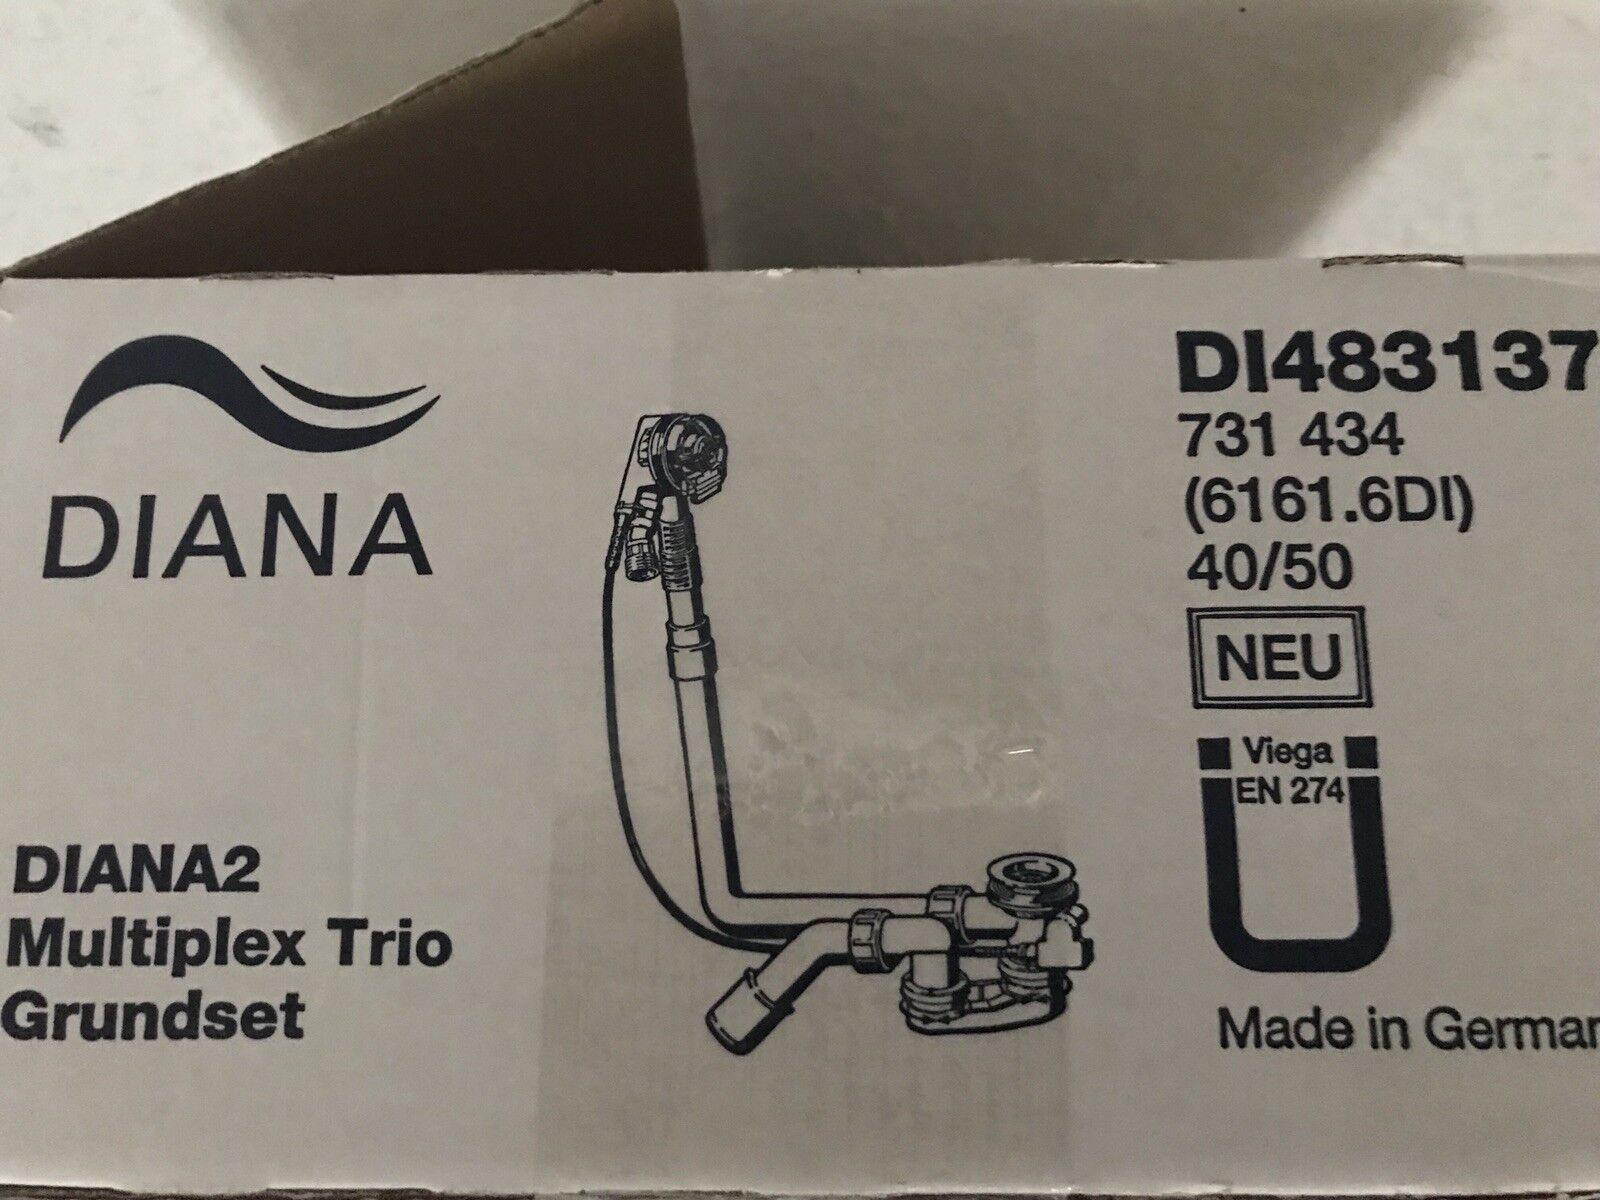 DIANA Multiplex-Trio Funktionseinheit DI483137 | Online Outlet Shop  | Reparieren  | Große Ausverkauf  | Online einkaufen